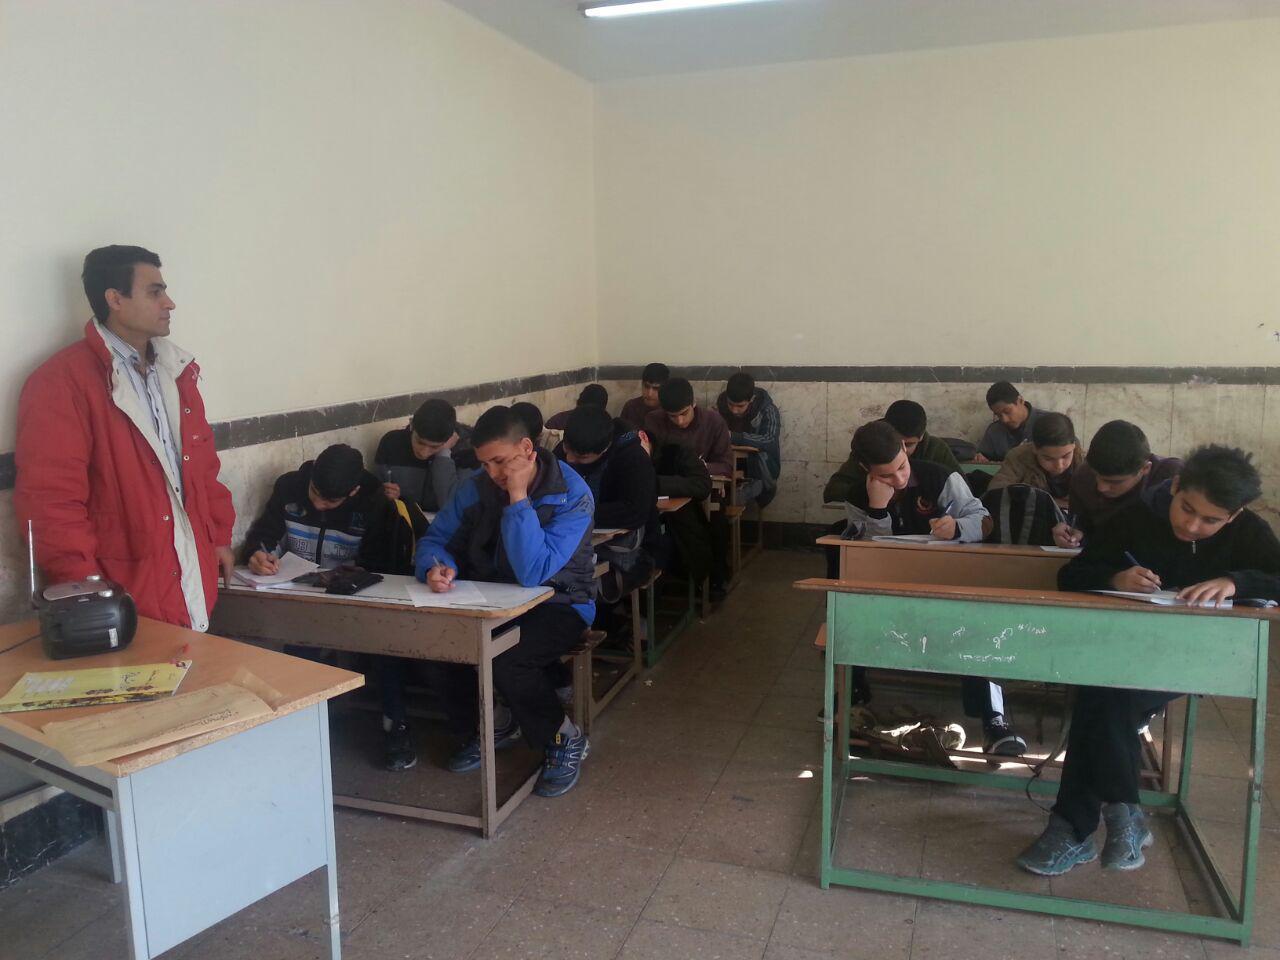 امتحان شنیداری زبان که بصورت استانی برگزار می شود در یکم دی ماه از دانش آموزان گرفته شد.